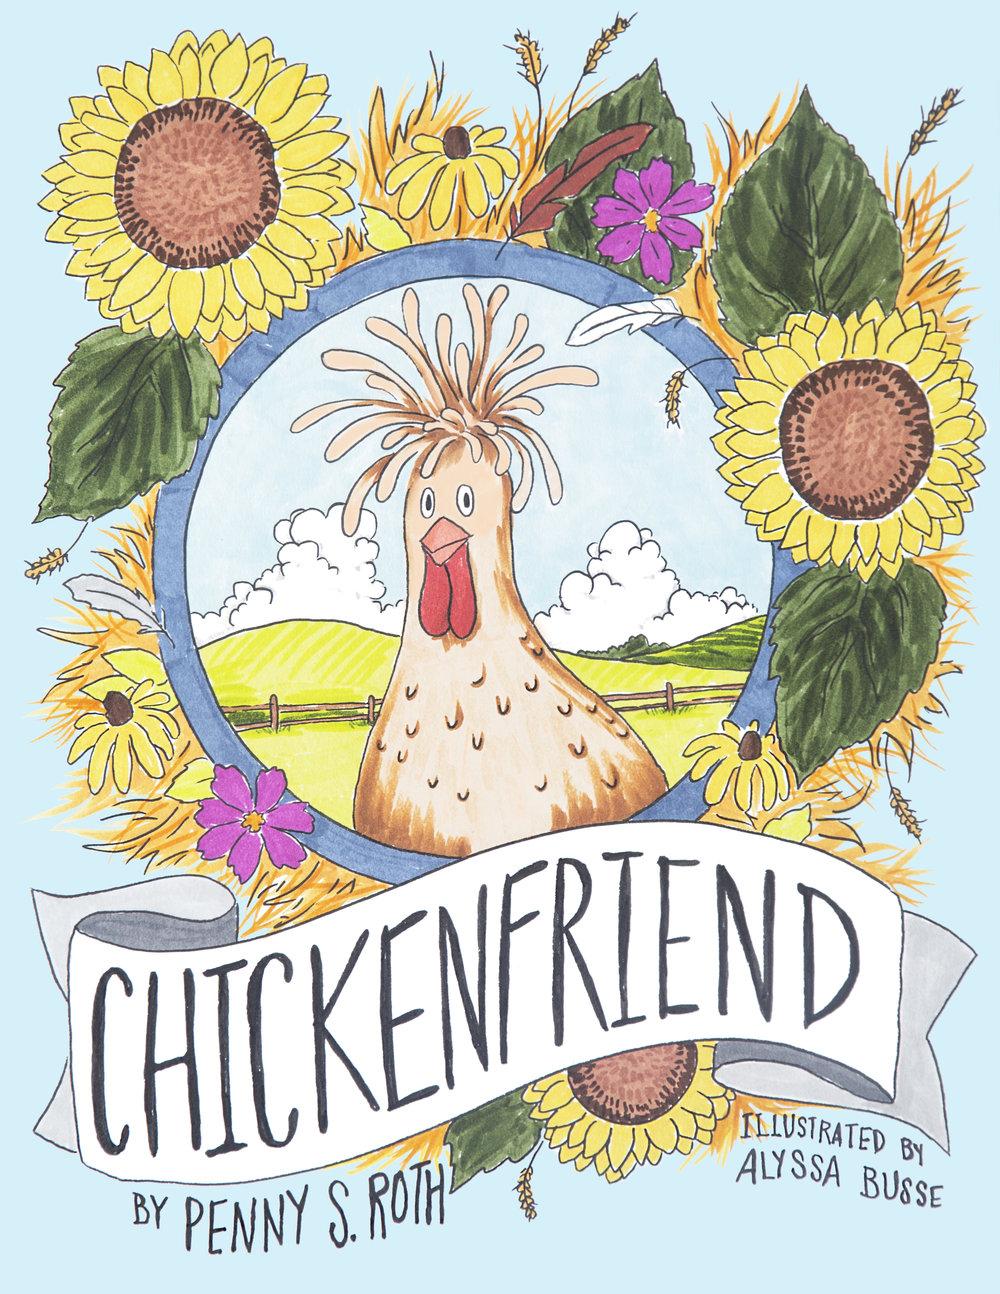 Chickenfriend_Frontcover_final.jpg